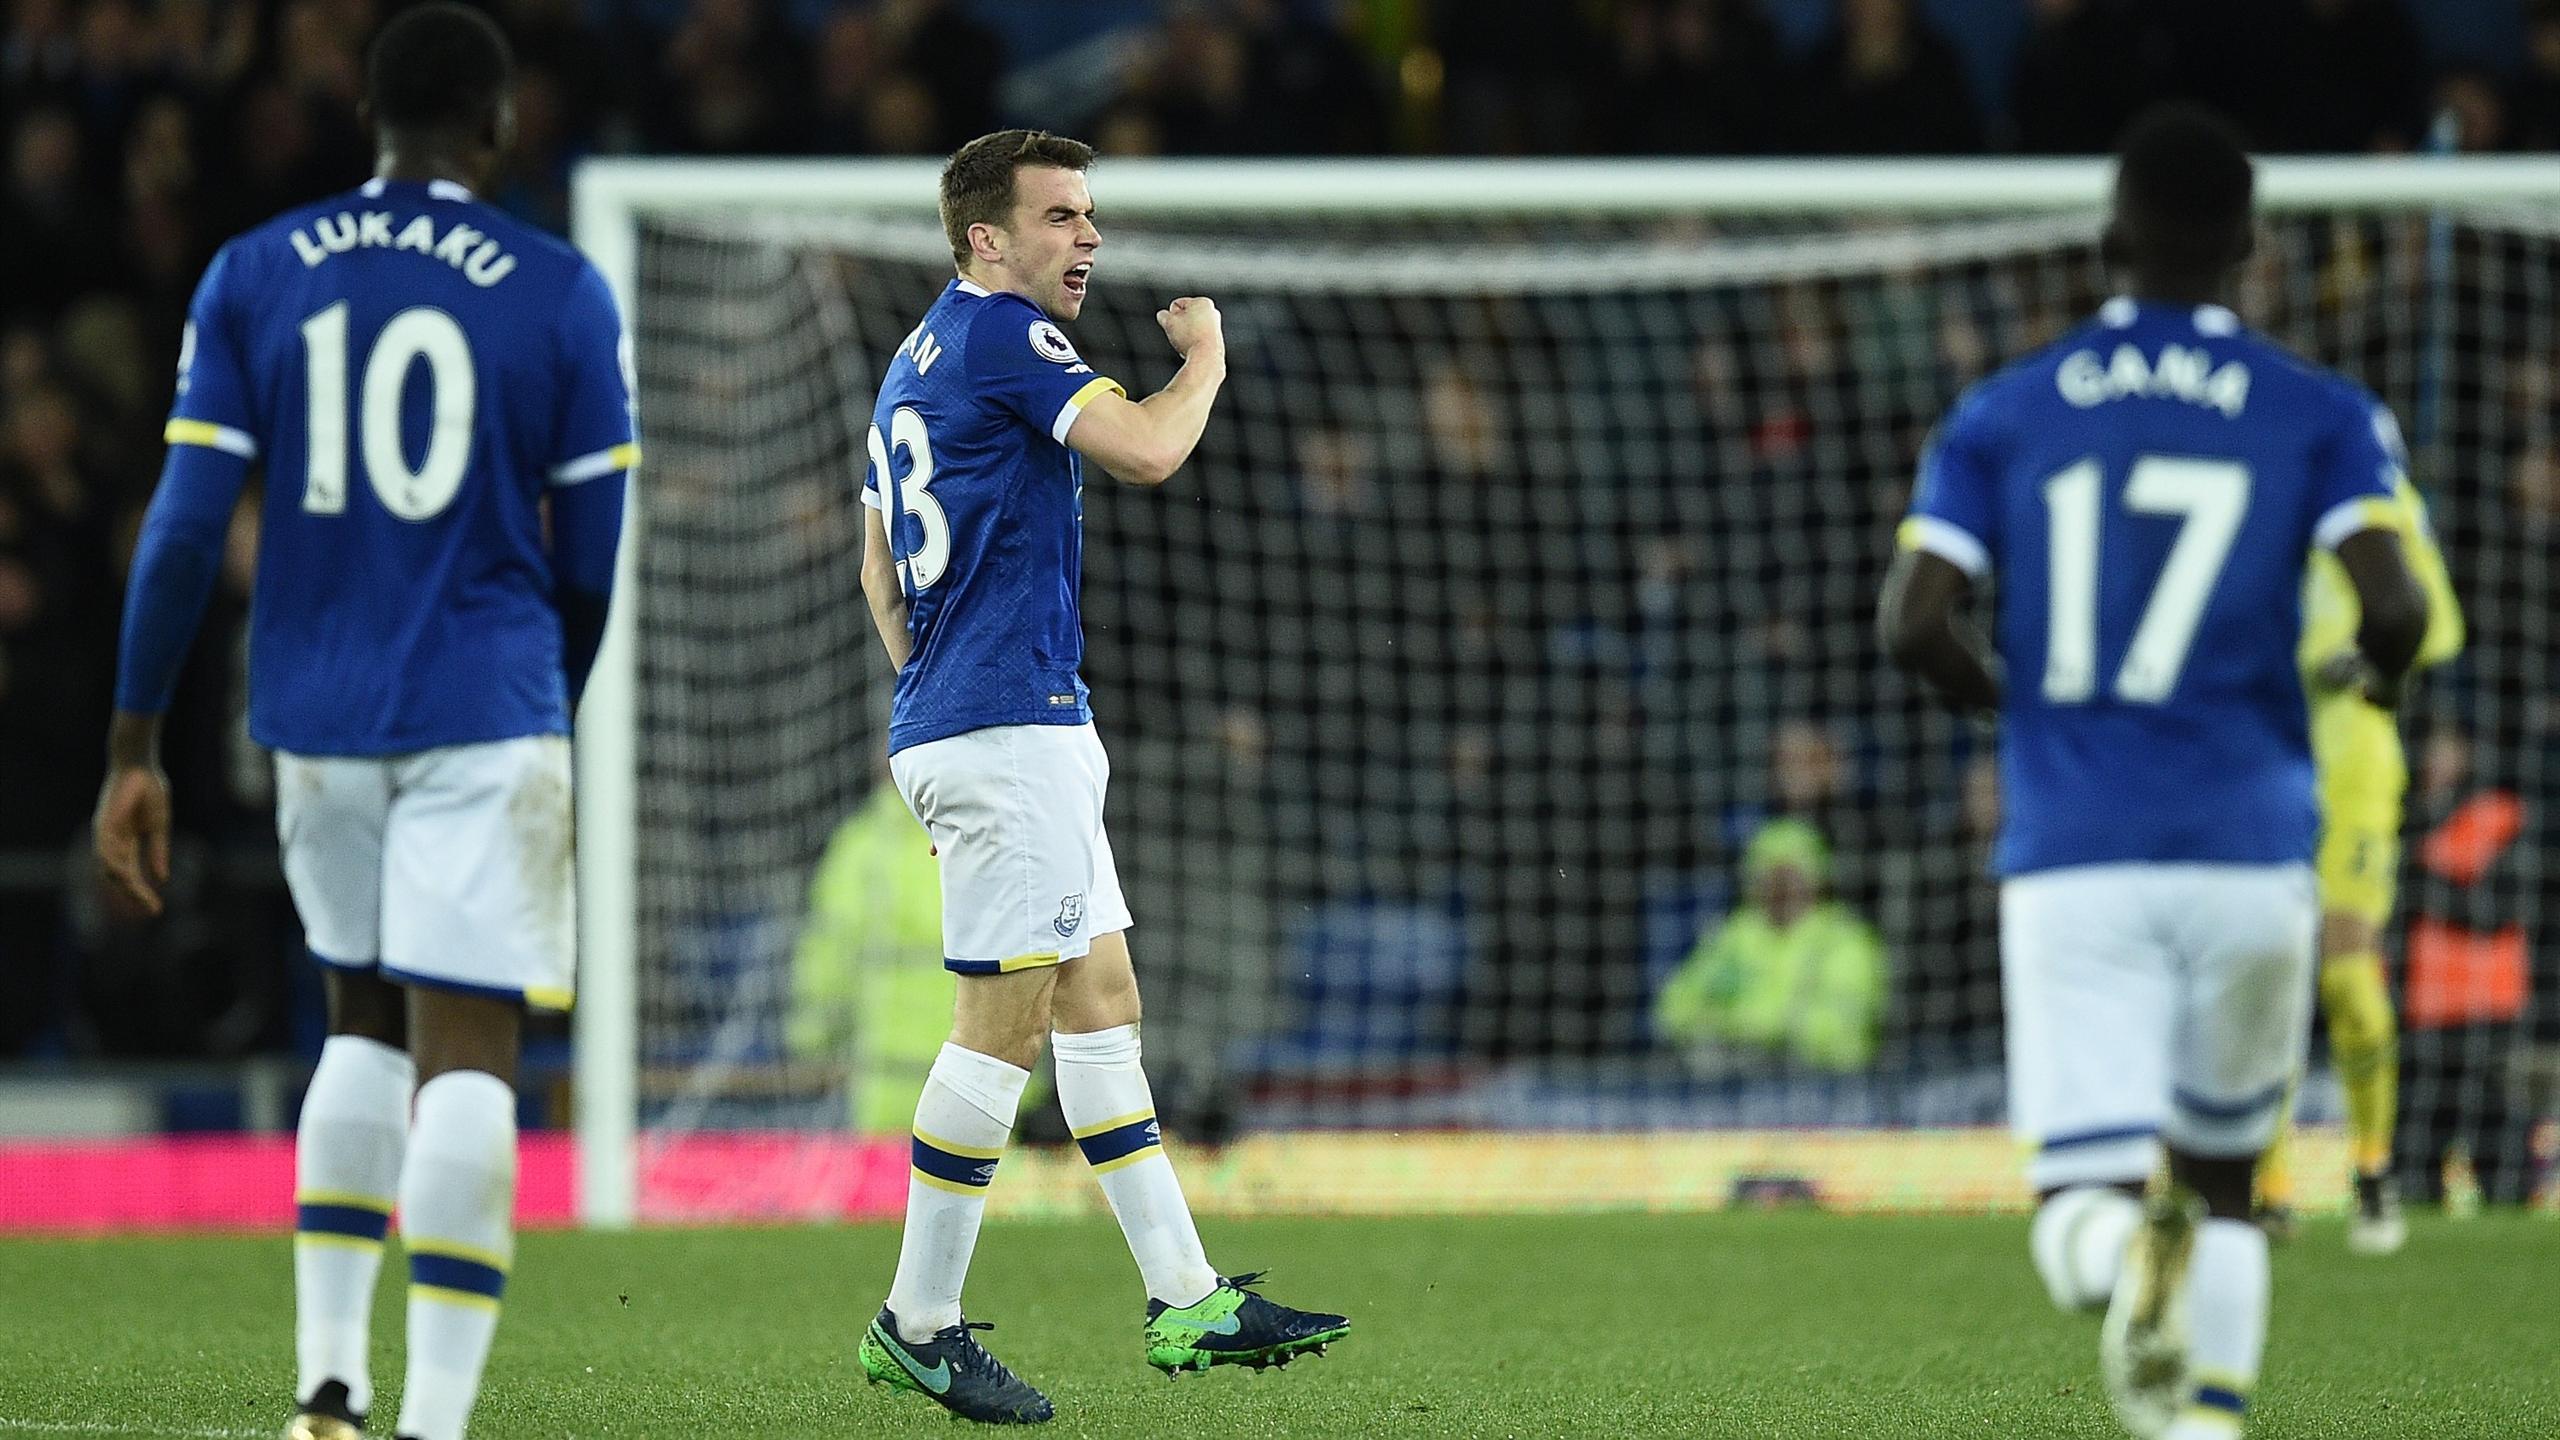 Everton's Irish defender Seamus Coleman (C) celebrates scoring